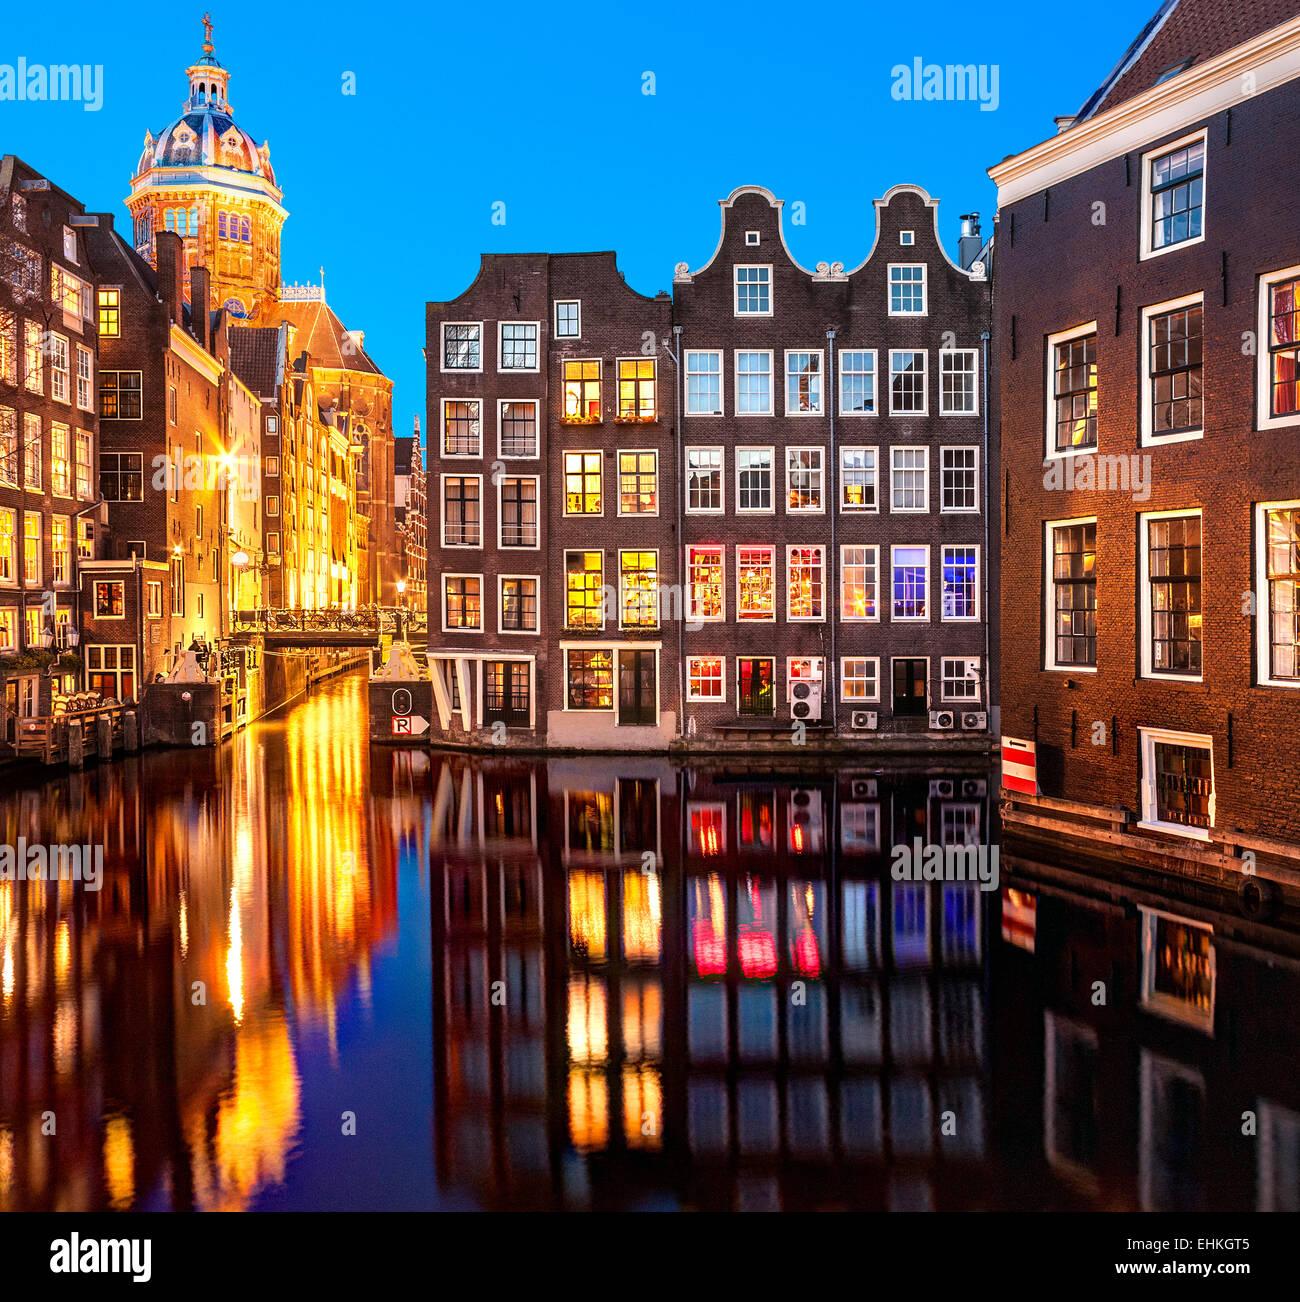 Canali di Amsterdam di notte vicino al quartiere a luci rosse. St Nicolaaskerk Basilica di Saint Nicholas; Zeedijk Immagini Stock